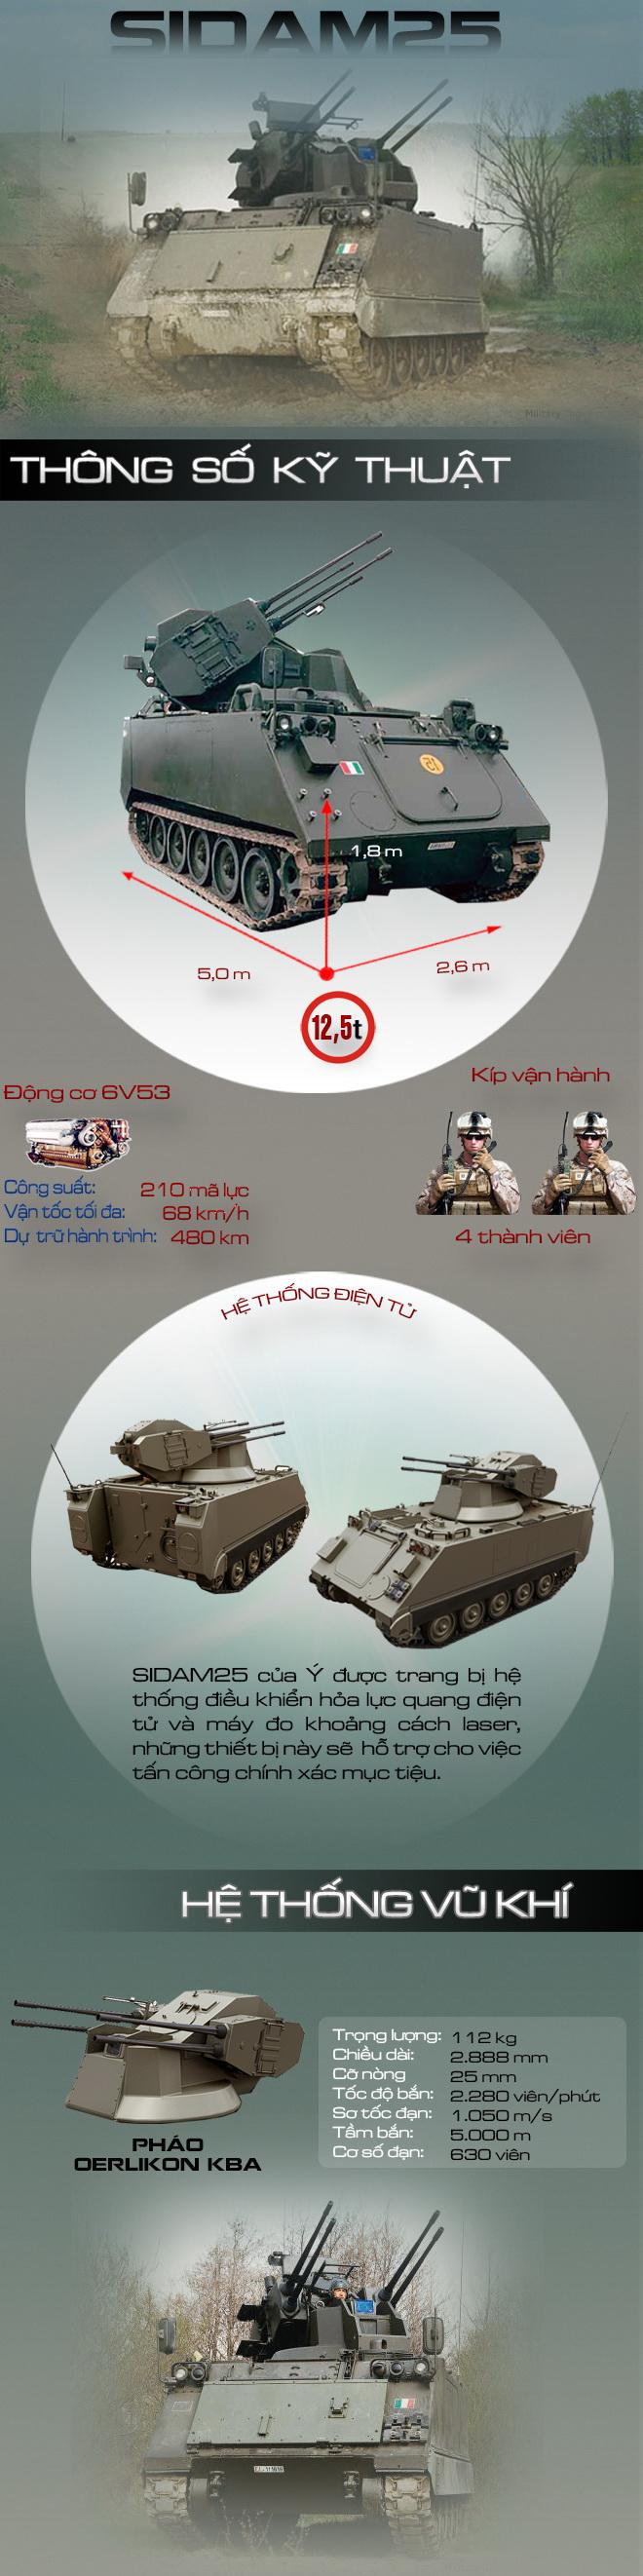 SIDAM 25 - Nguyên mẫu thiết kế của pháo phòng không tự hành Type 95 SPAAA Trung Quốc - Ảnh 1.